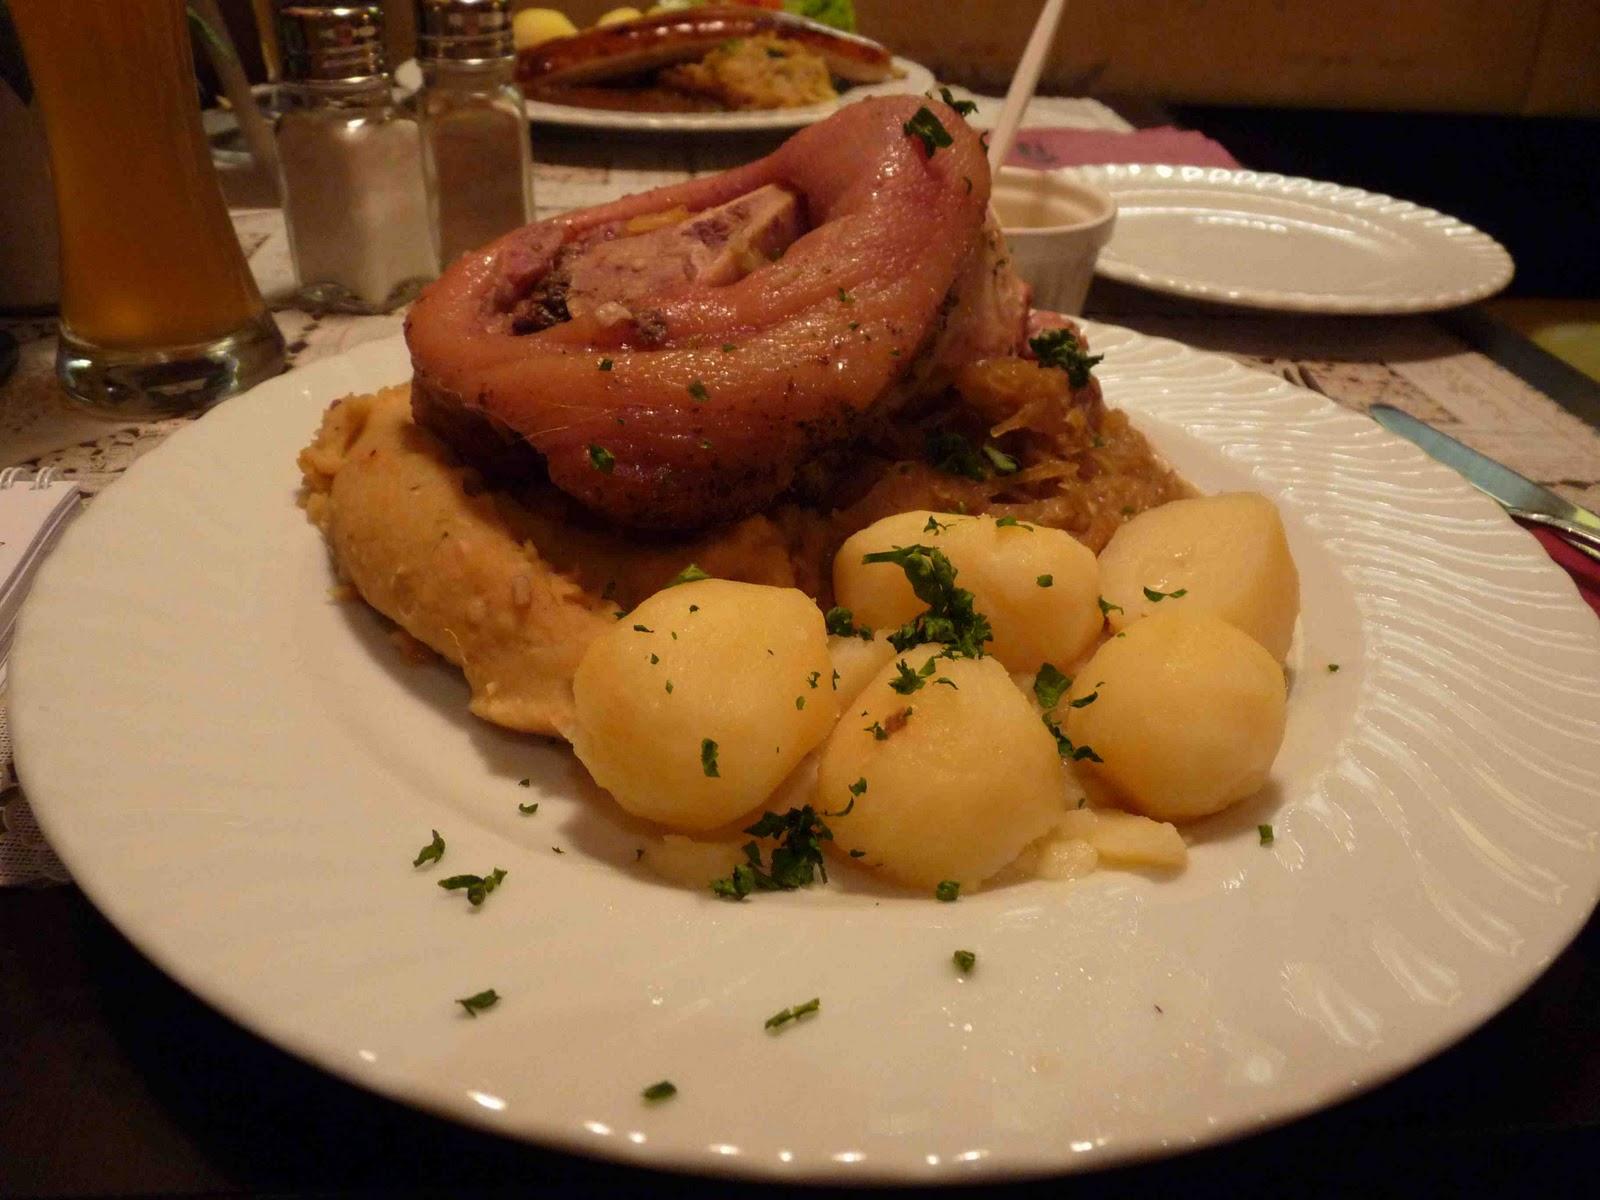 Asado de Cerdo y Knödel, plato típico de la gastronmía de Baviera